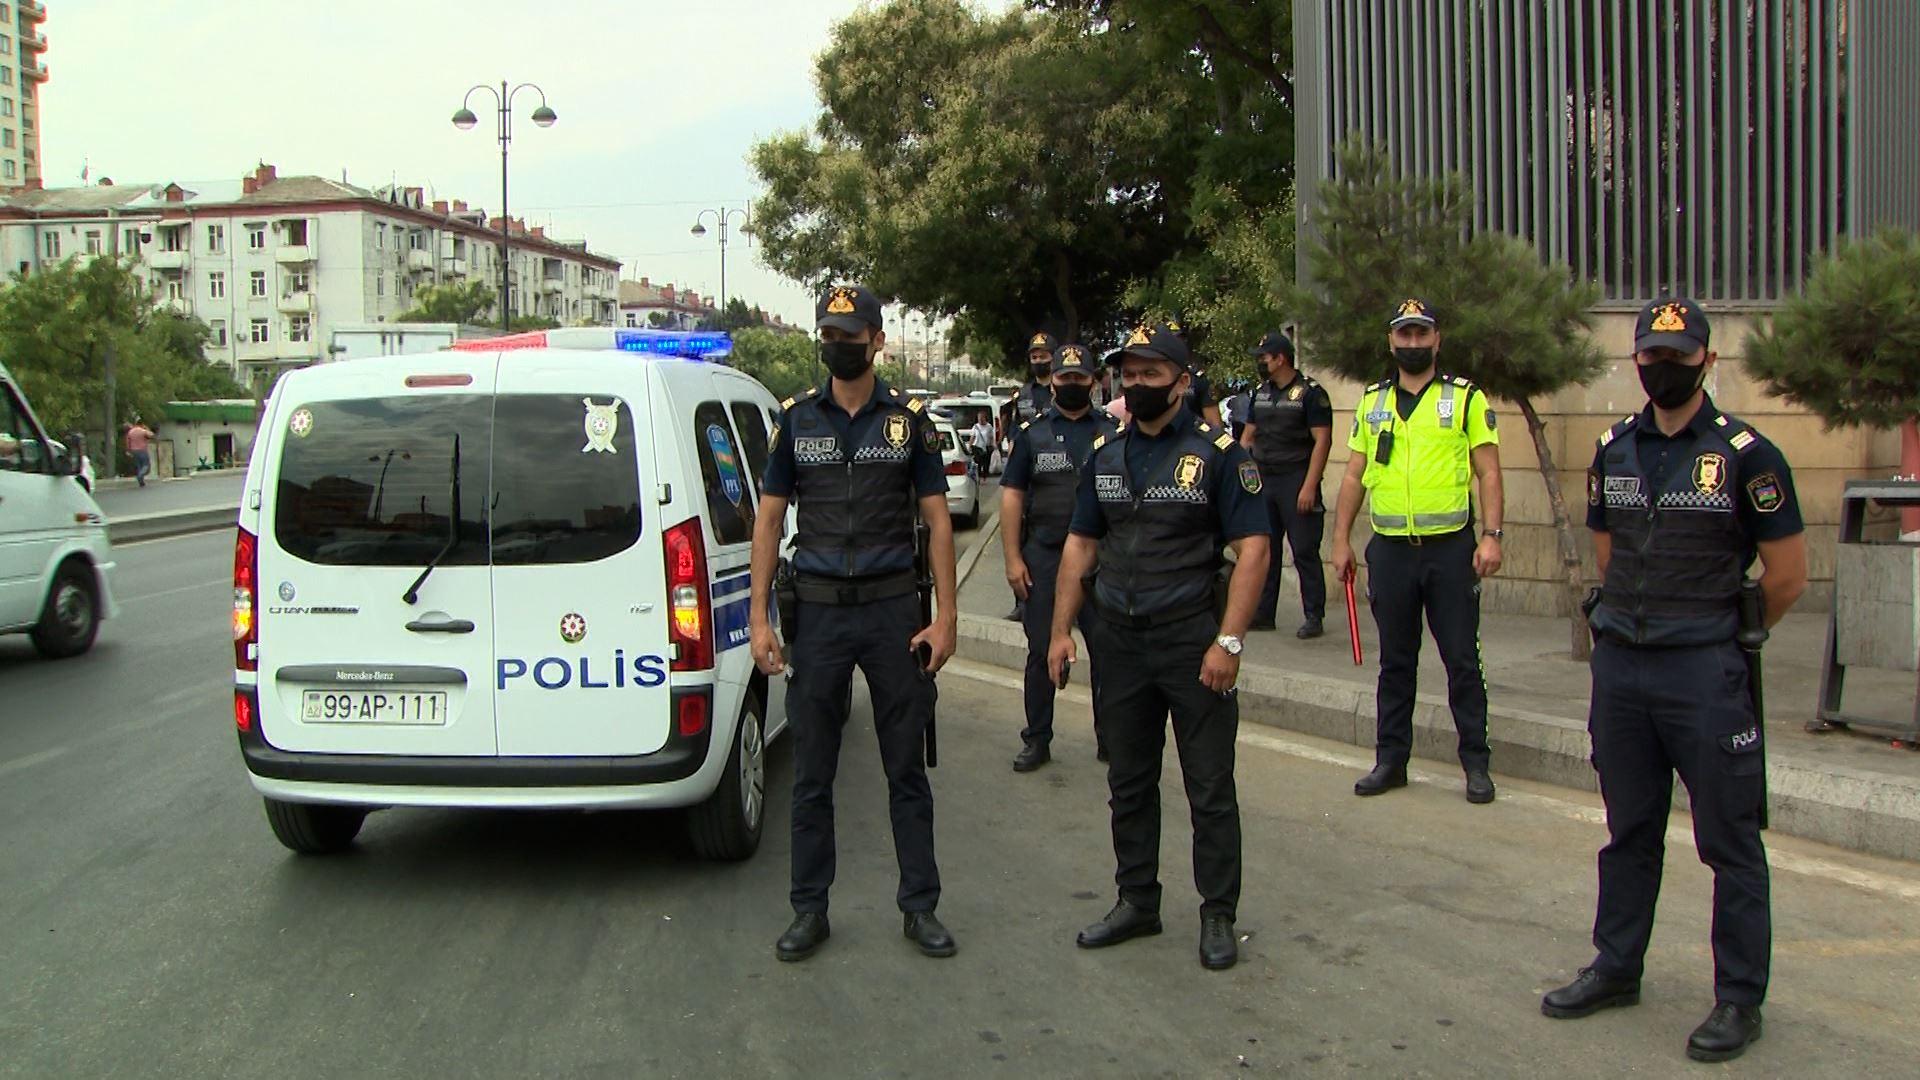 Polis Bakıda ictimai nəqliyyatda yoxlama aparıb - FOTOLAR + VİDEO